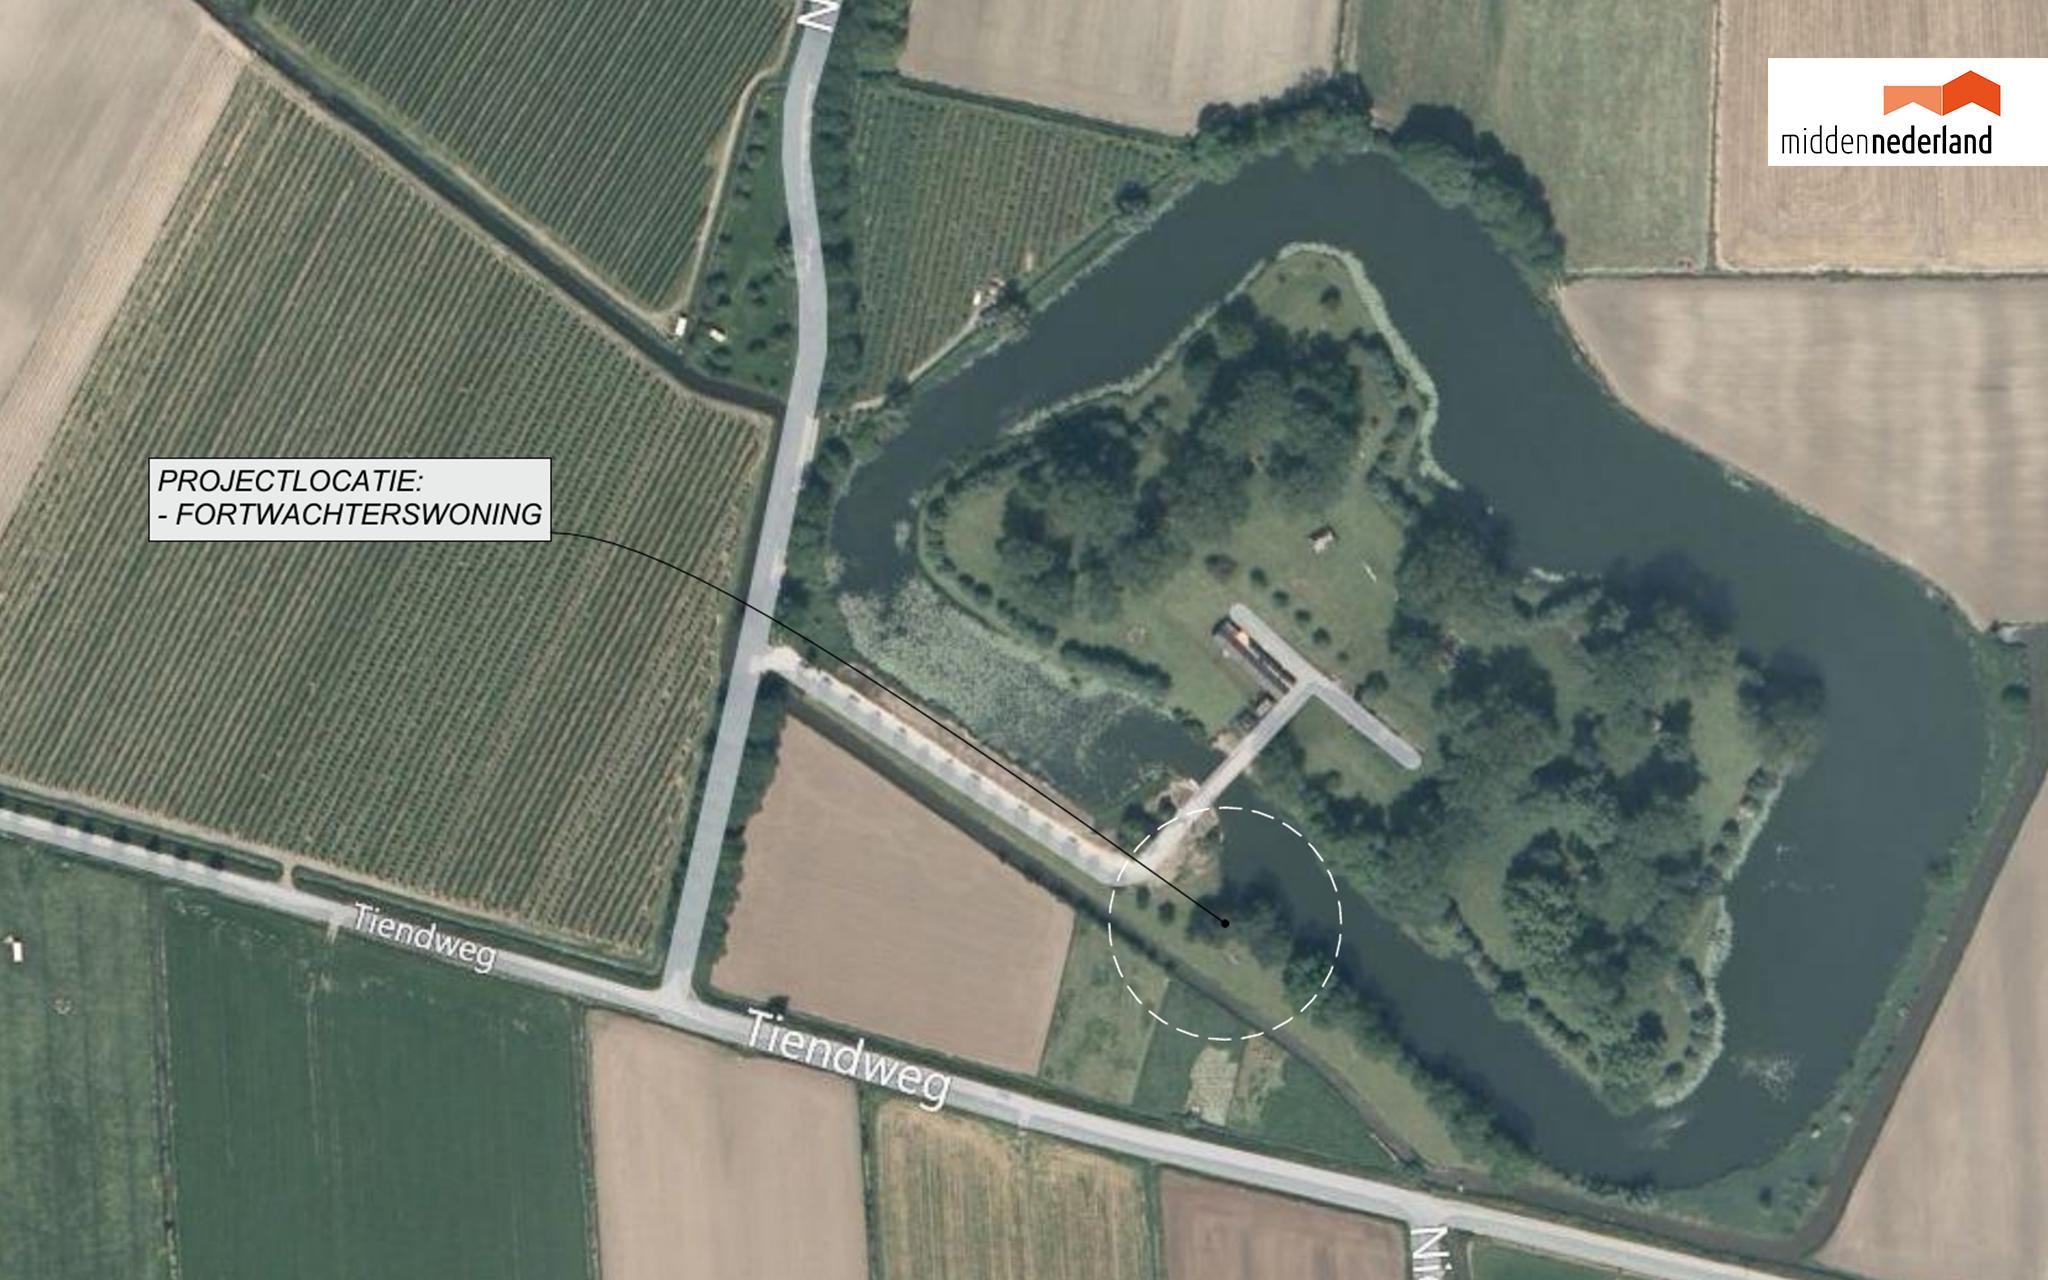 Fortwachterswoning locatie